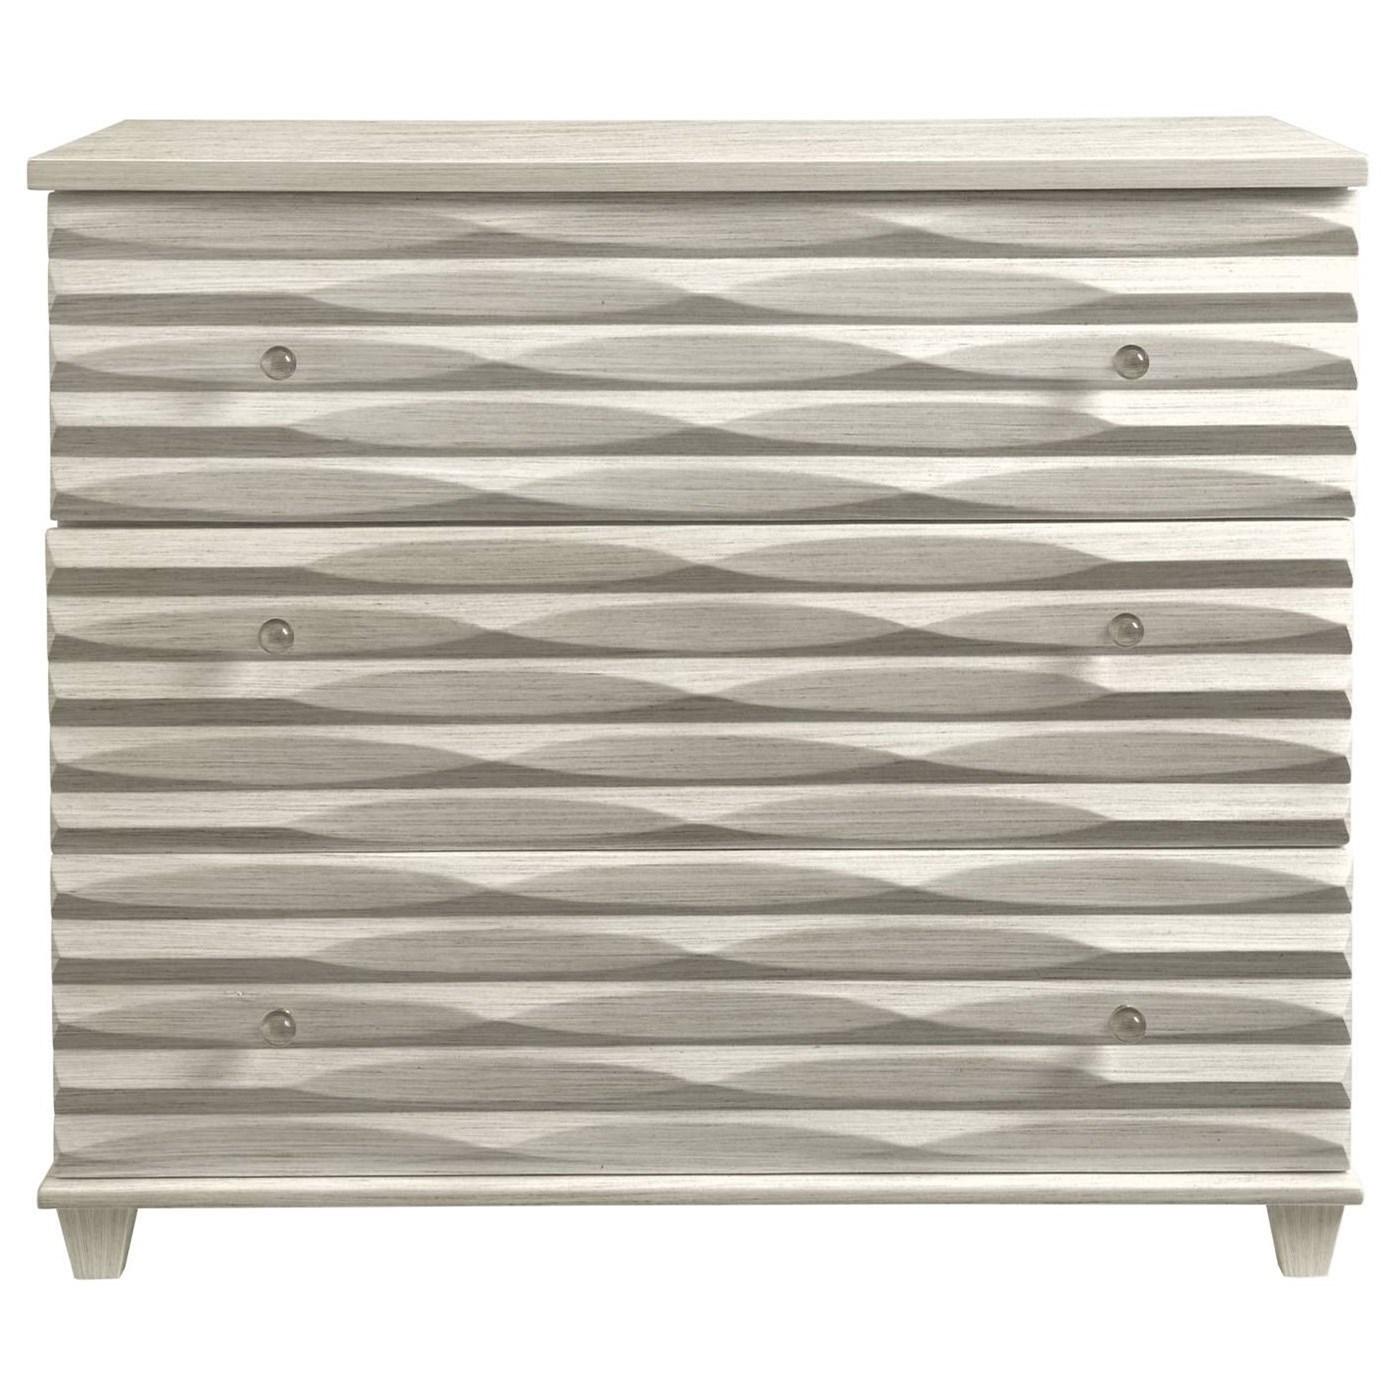 Stanley Furniture Coastal Living Oasis Tides Single Dresser - Item Number: 527-53-02